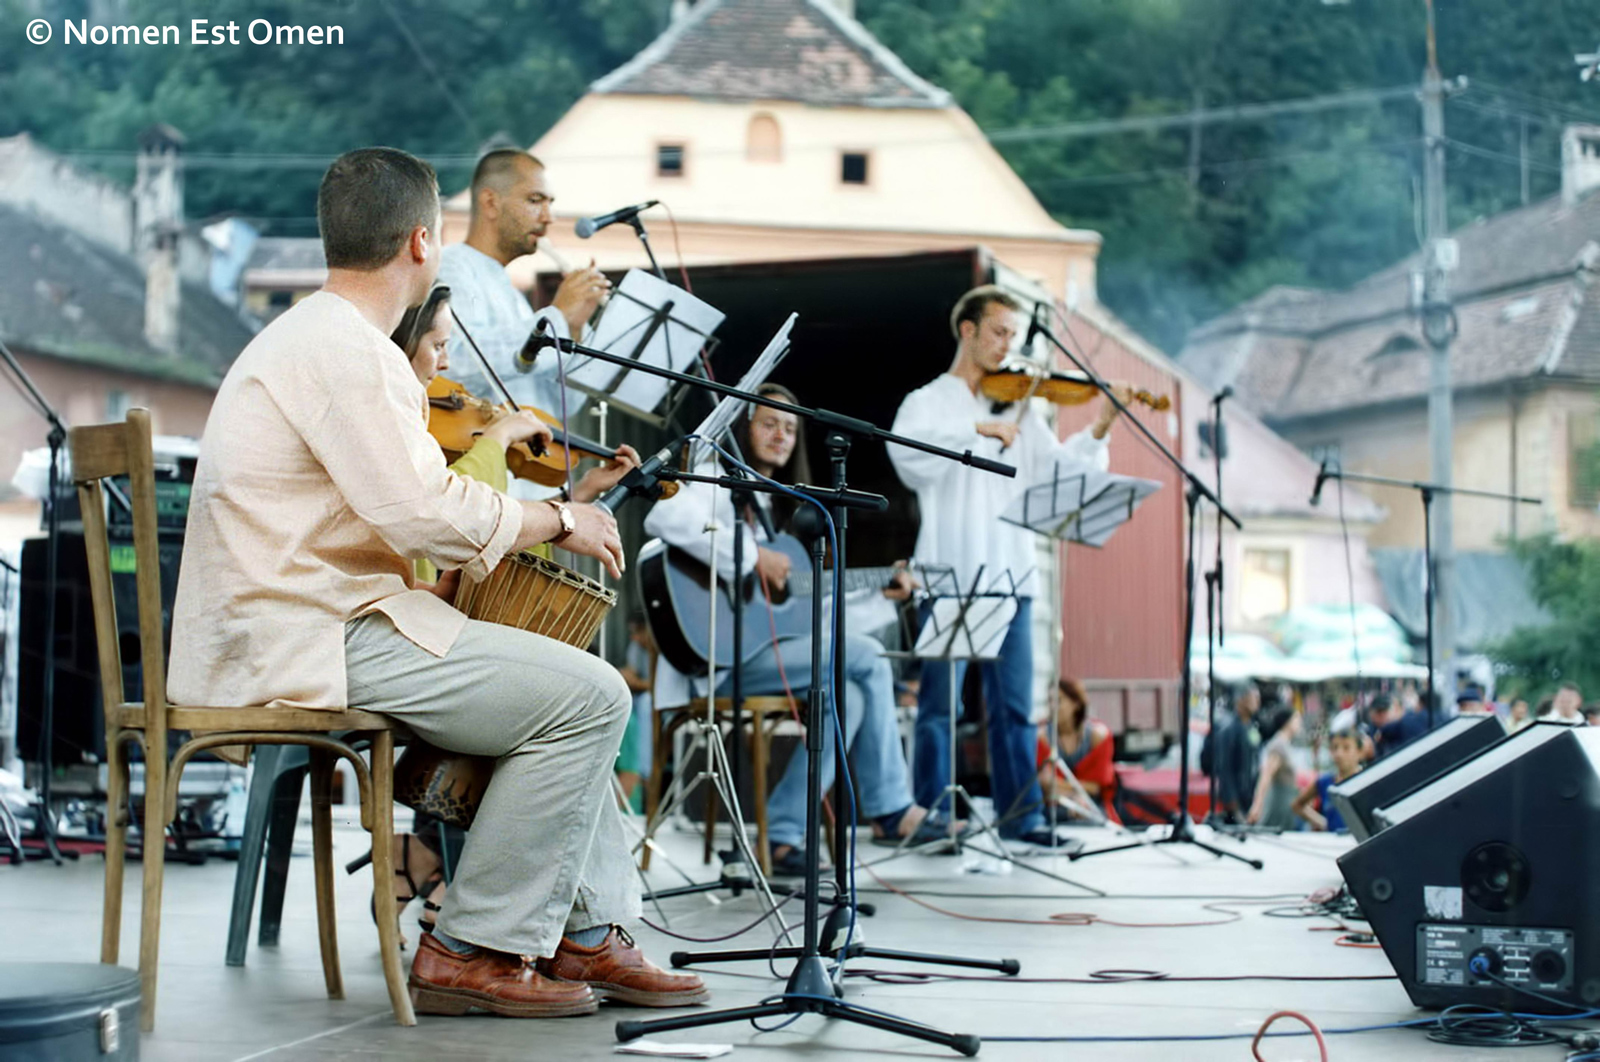 Festivalul Medieval Sighisoara - Nomen Est Omen - Piata Sigma